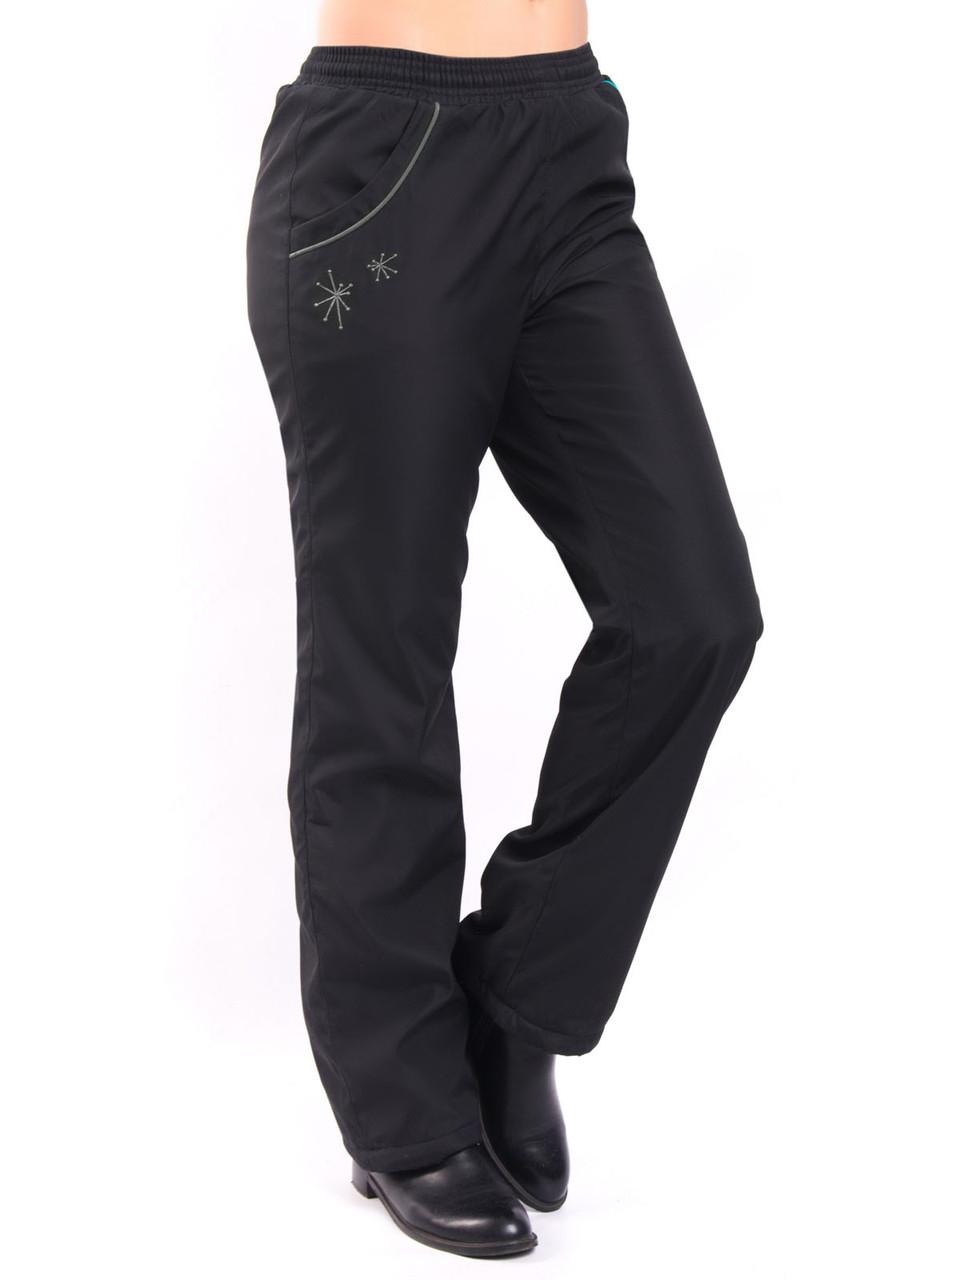 5e0028ef492 Брюки зимние женские утепленные спортивные норма AHR1226 - Оптово-розничный  интернет-магазин спортивной одежды